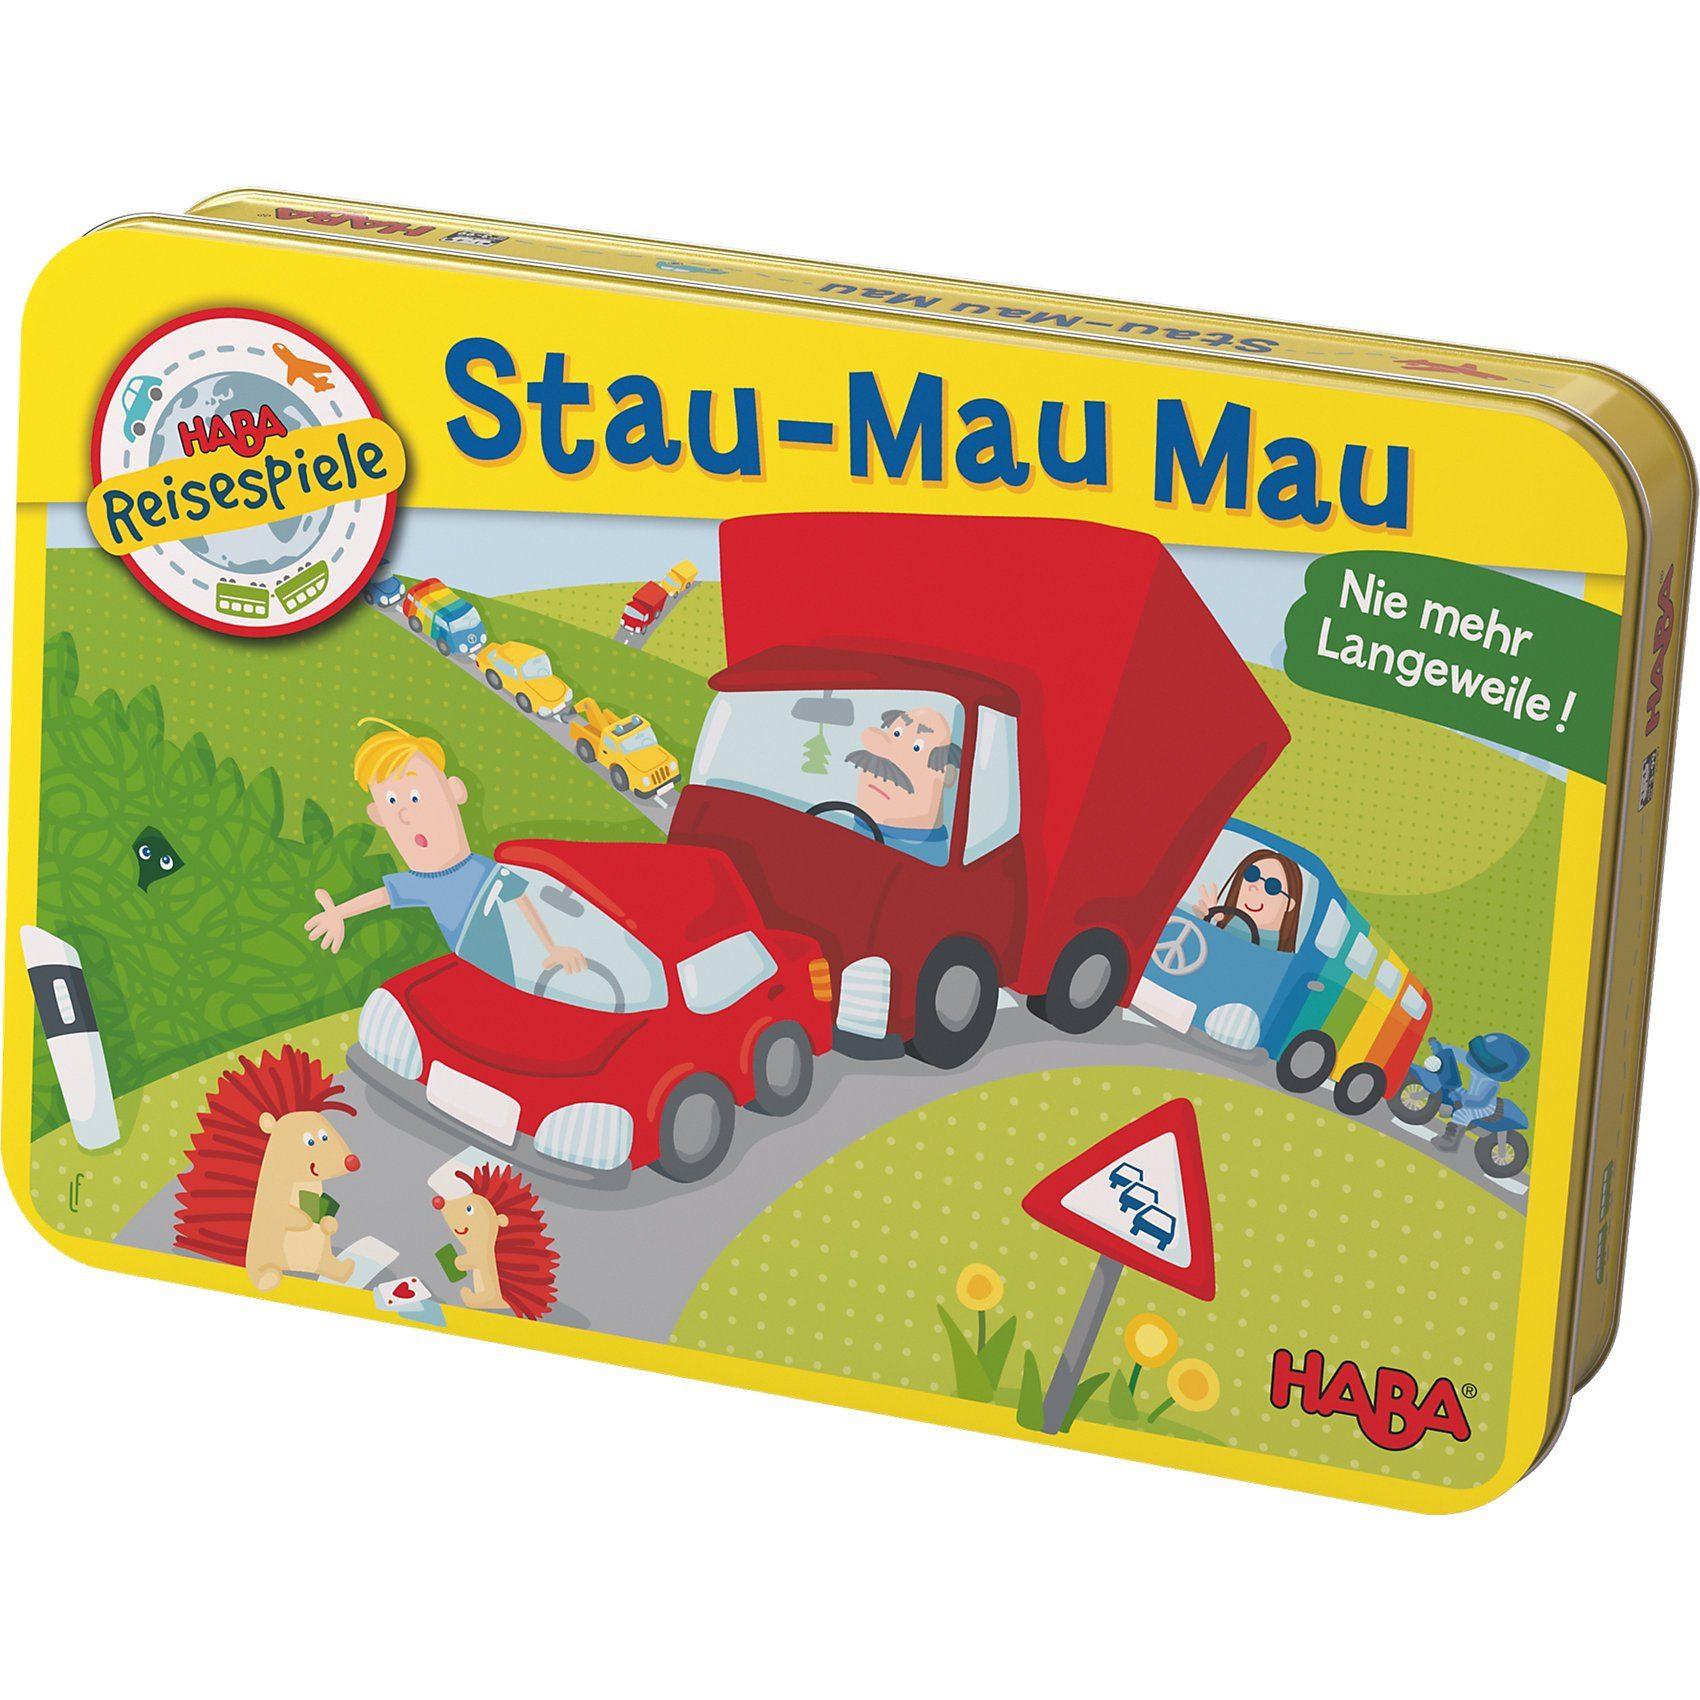 Haba Dosenspiel - Stau-Mau Mau